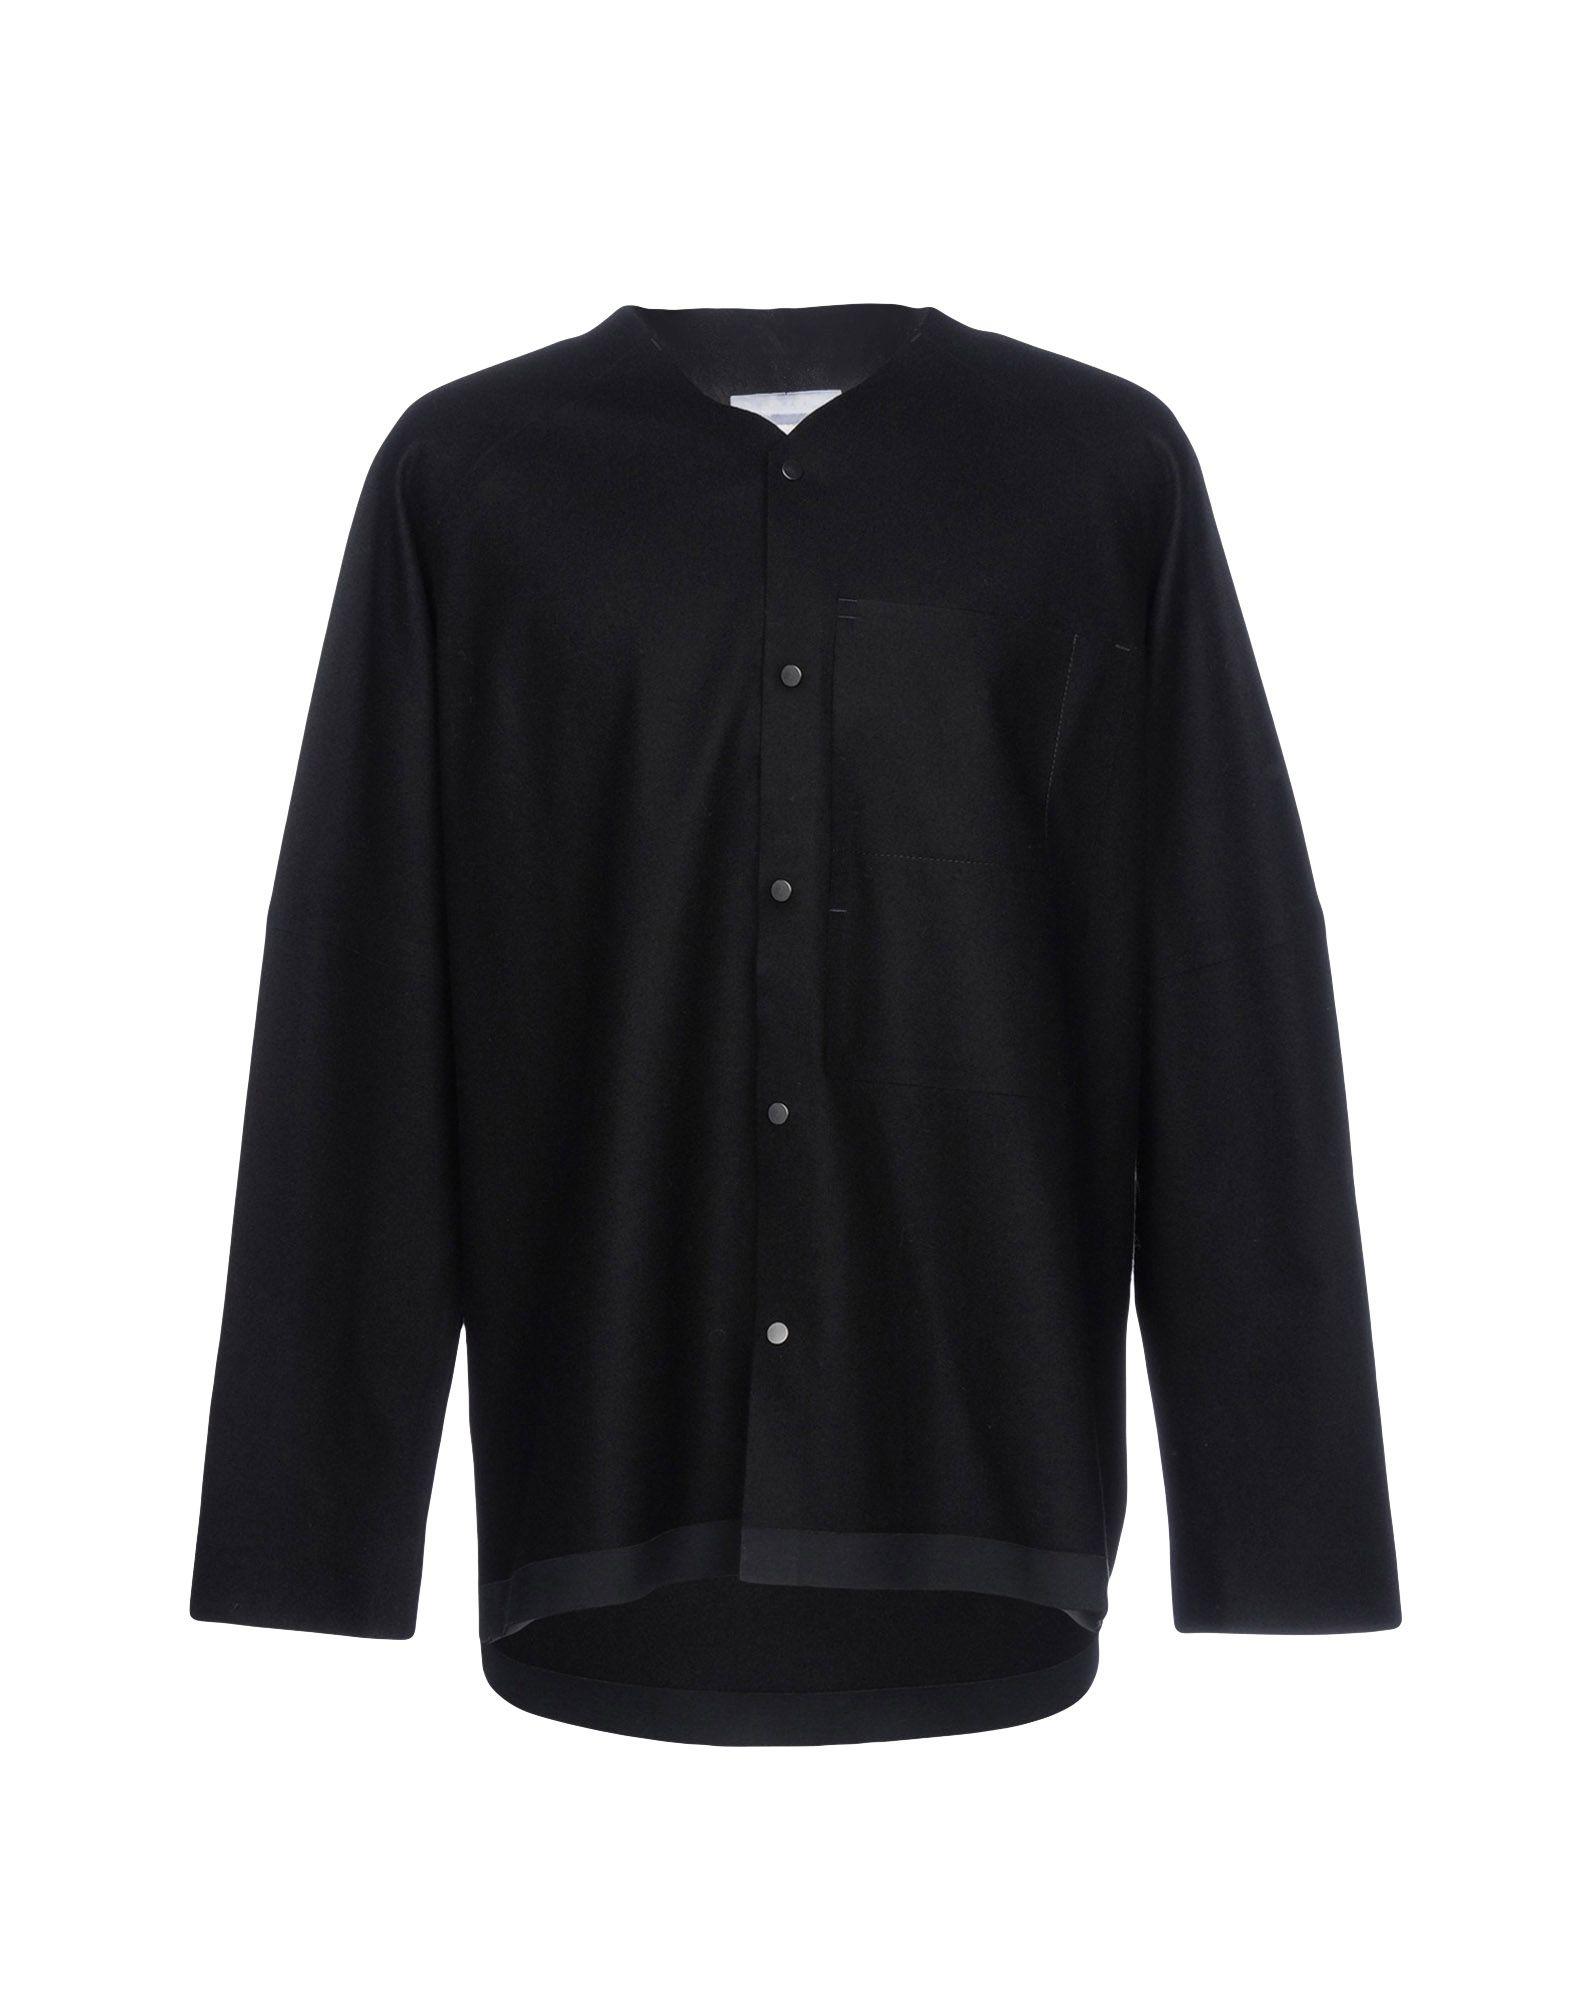 BARBARA ALAN Coat in Black